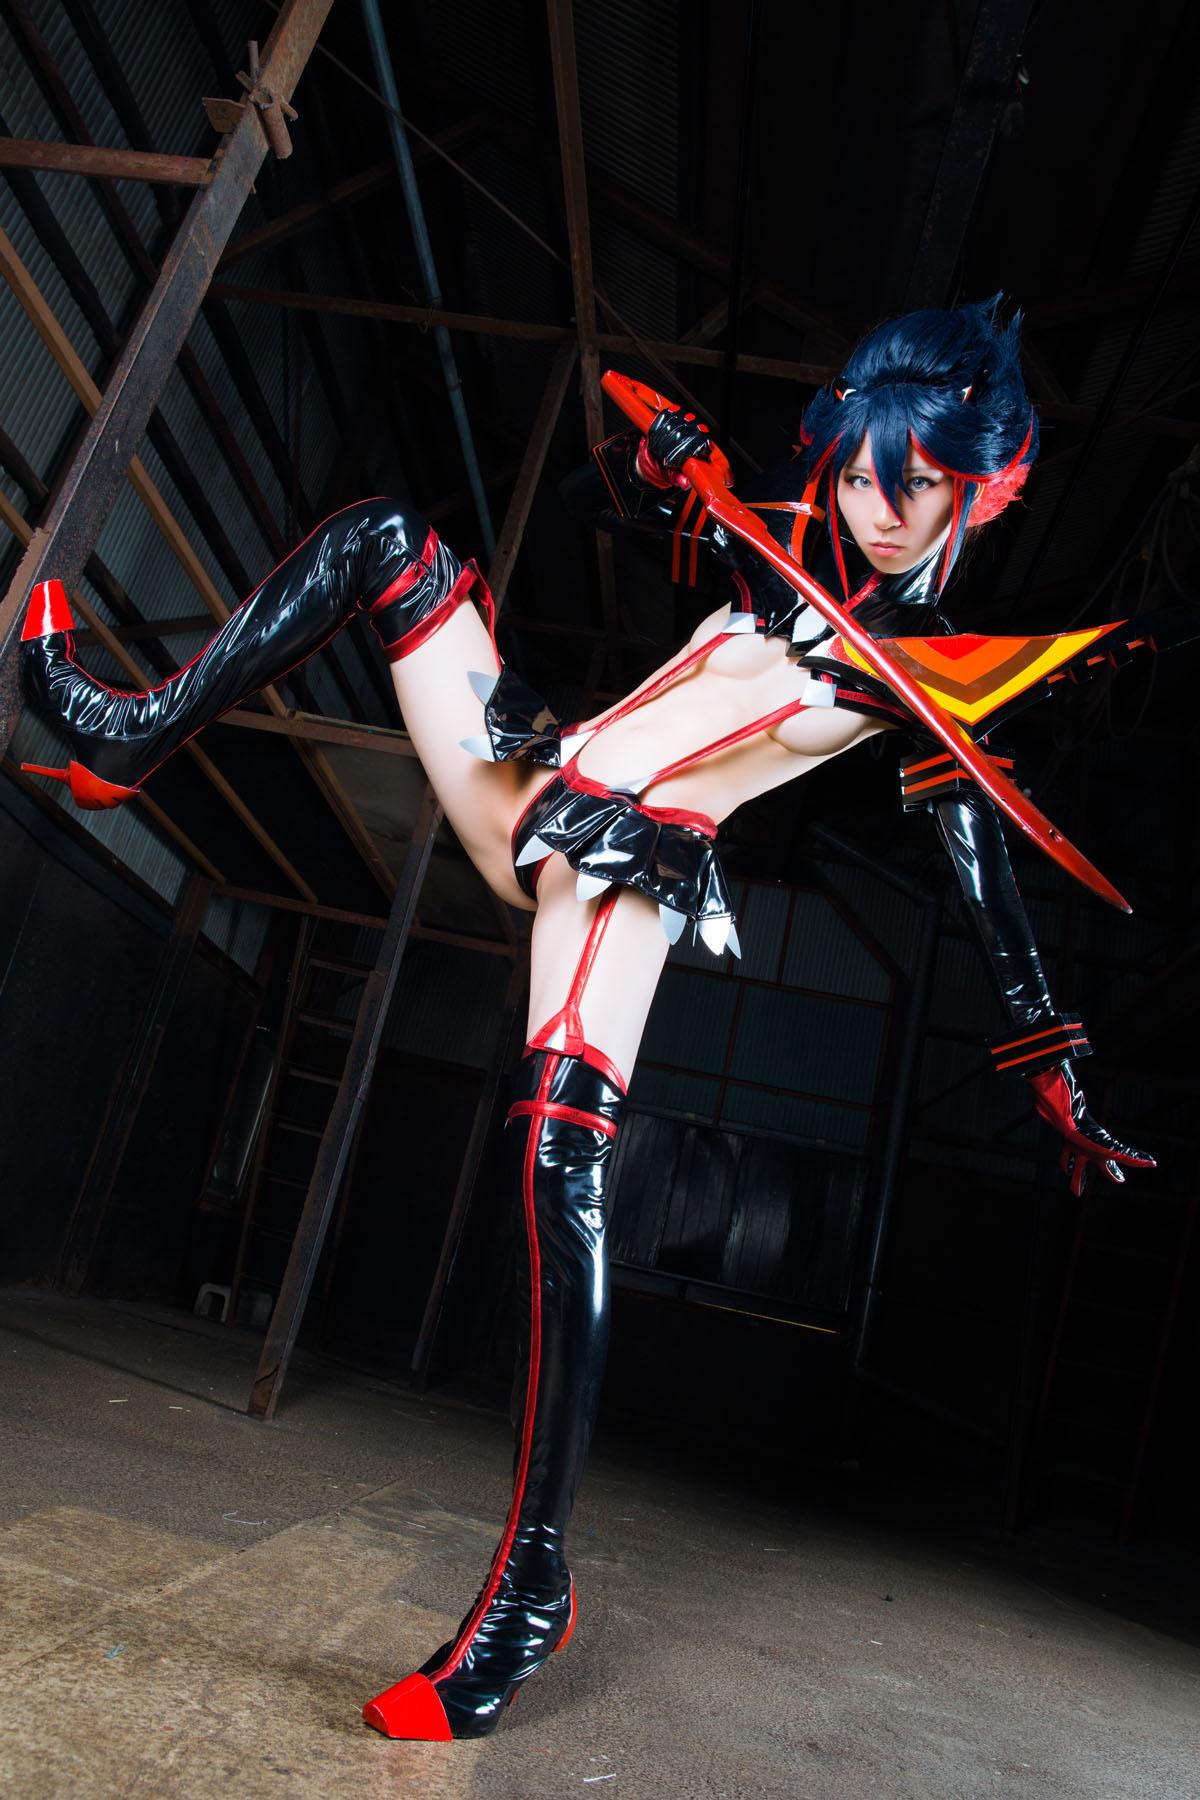 Kill la Kill Ryuuko Matoi anime cosplay by Mikehouse 0041